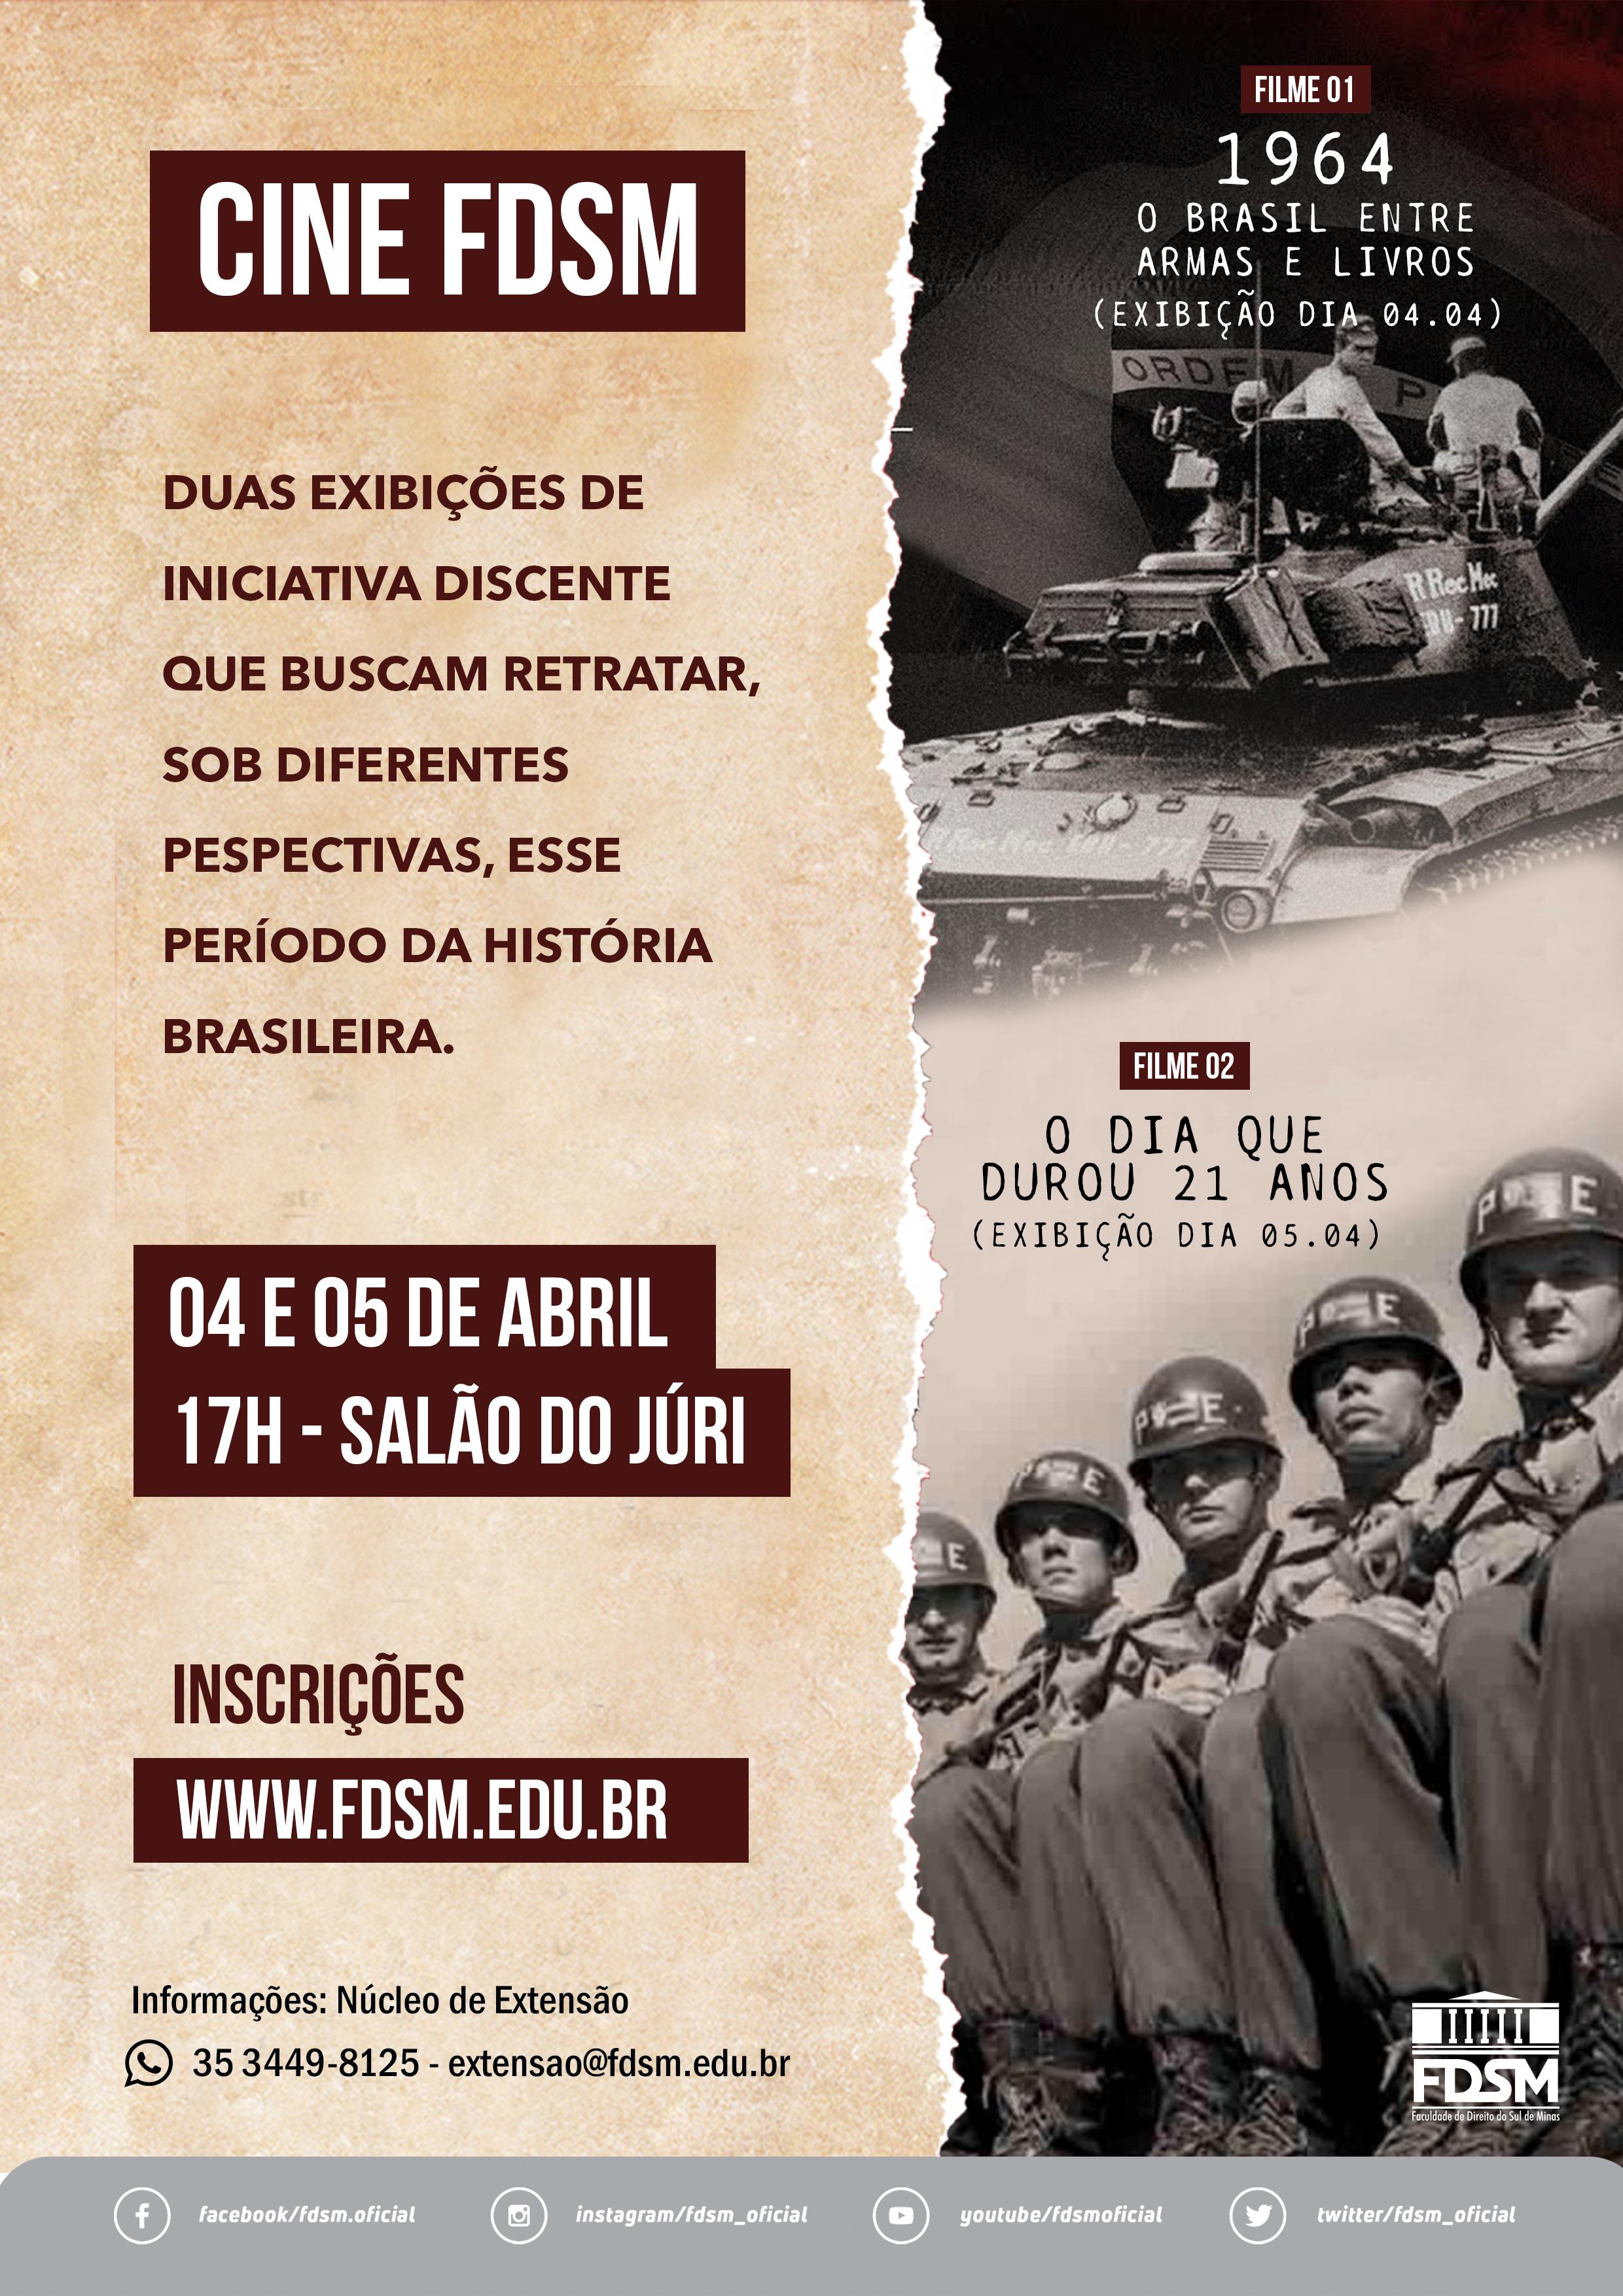 Cód 447: Cine FDSM - 1964: o Brasil entre Armas e Livros